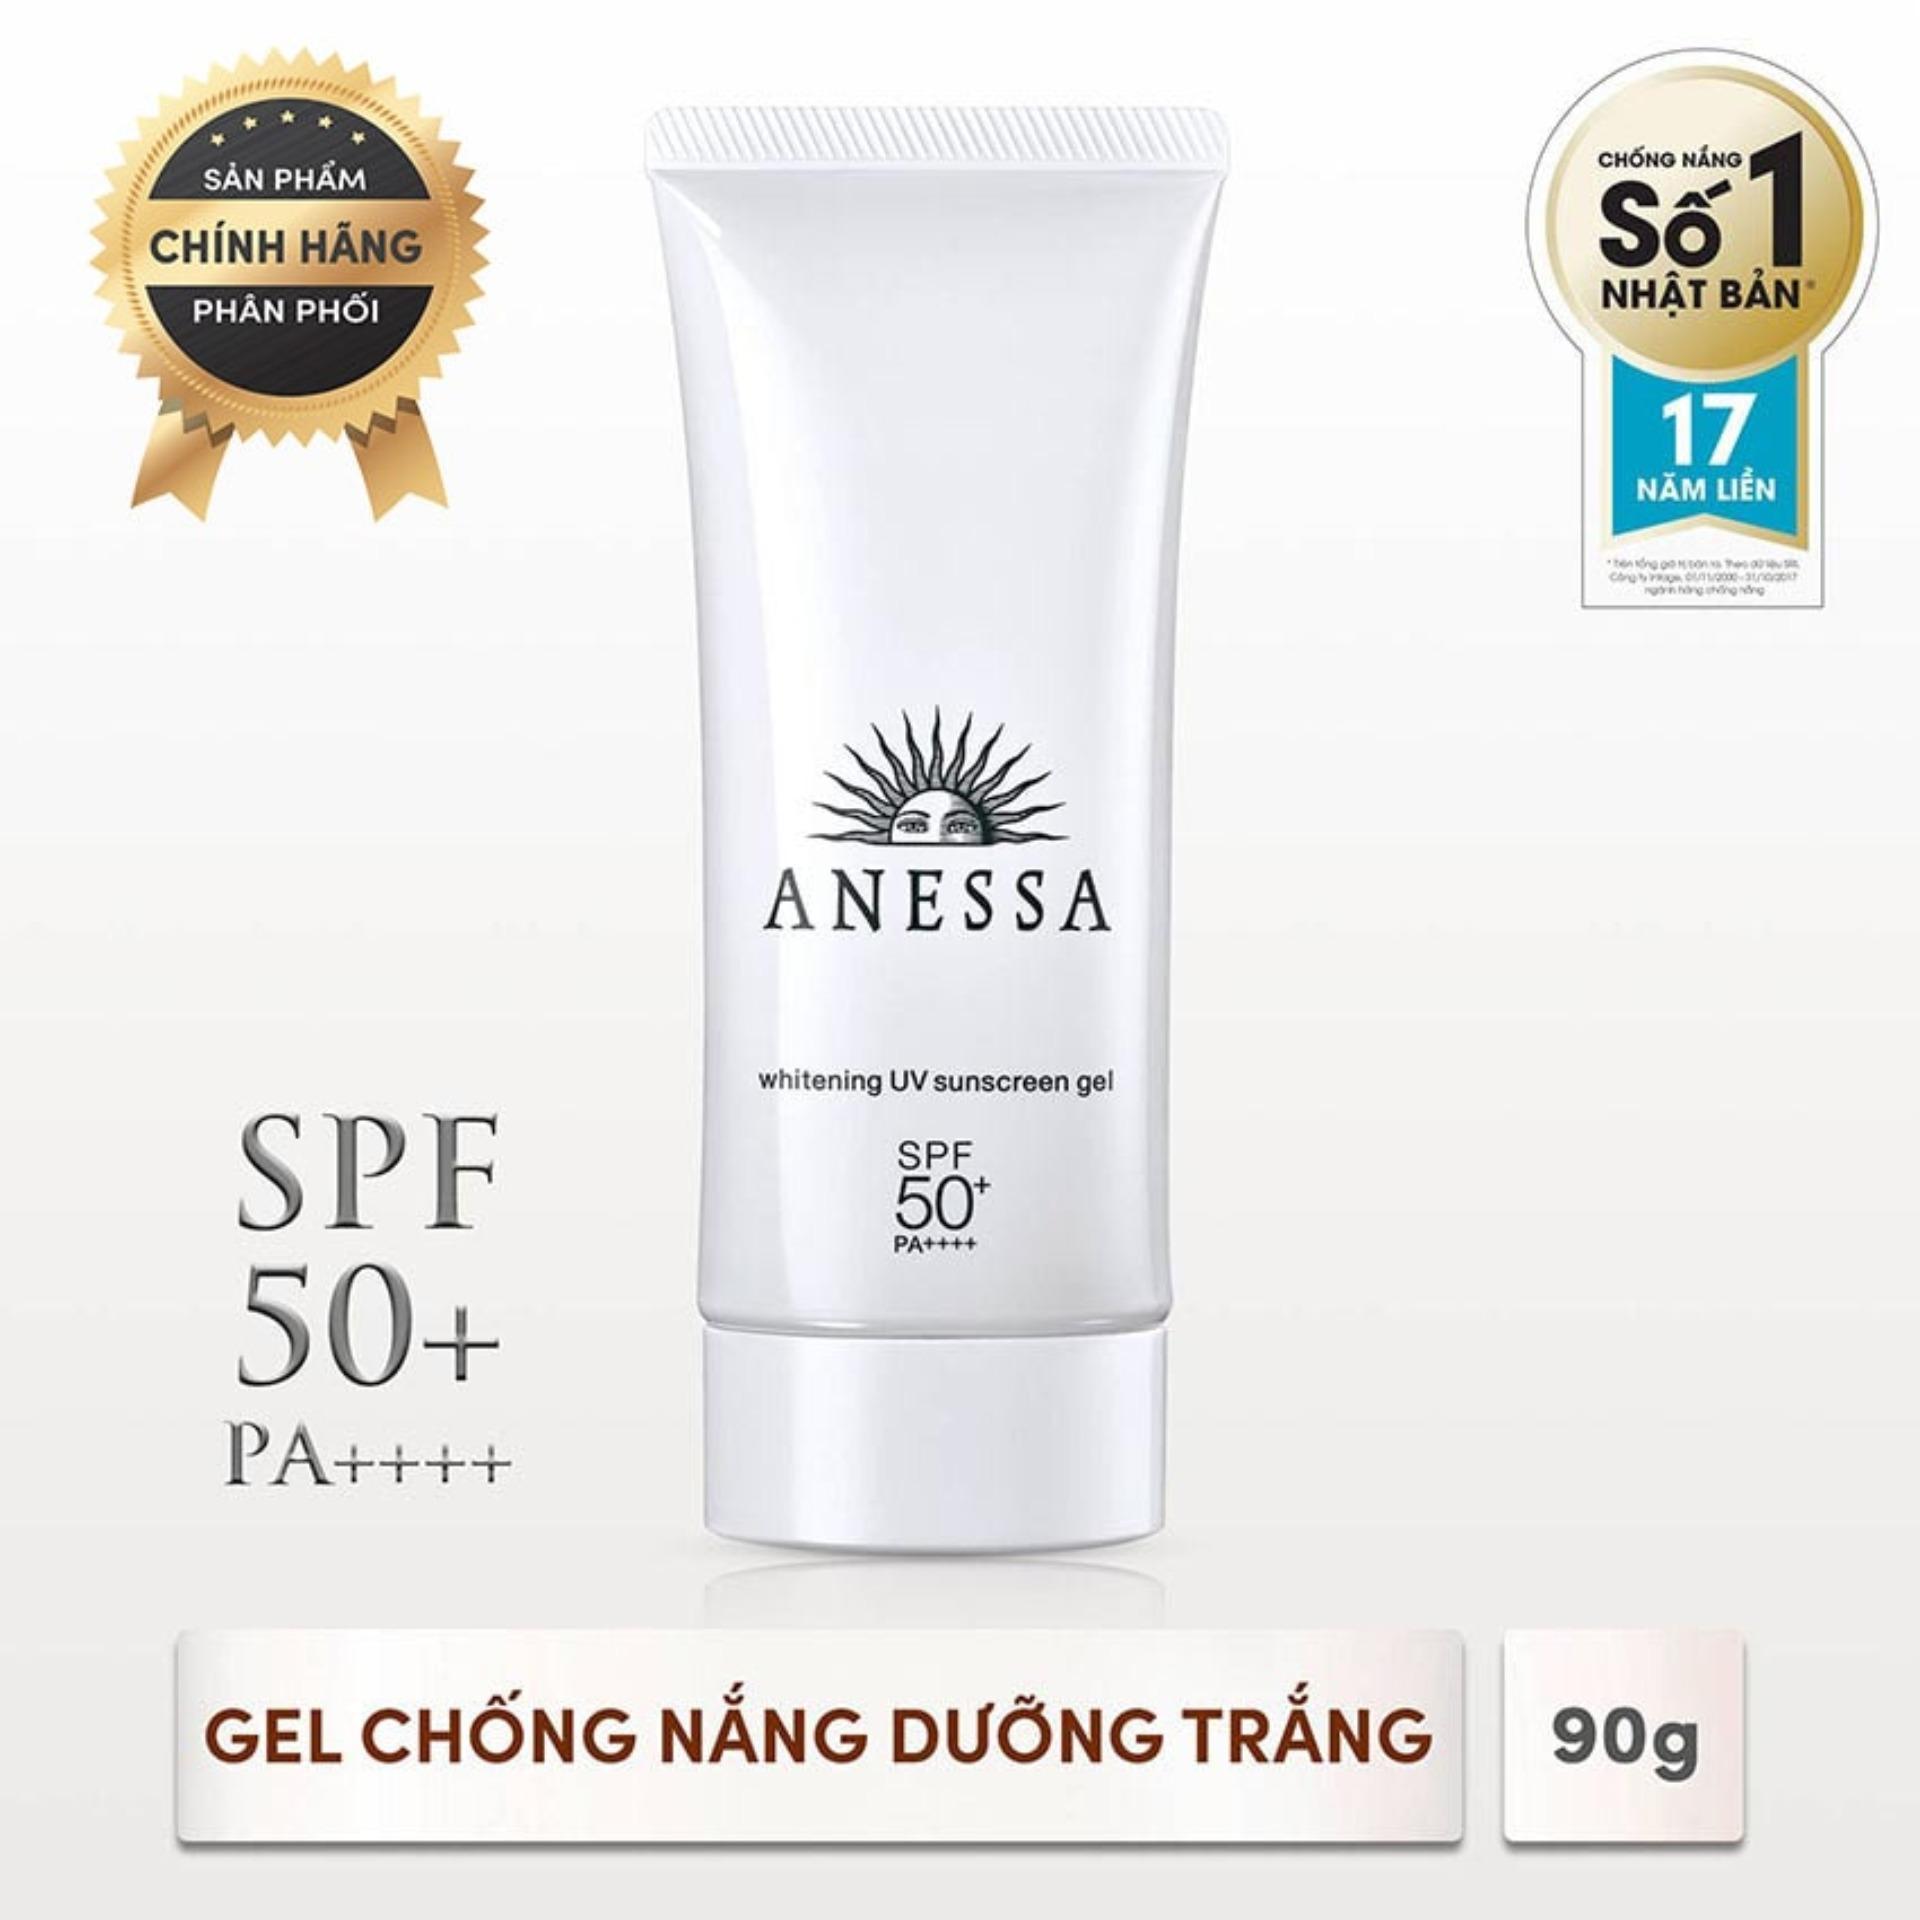 Gel chống nắng dưỡng trắng, ngăn sạm da, giảm thâm nám Anessa Whitening UV Sunscreen Gel - SPF50+, PA++++ - 90g